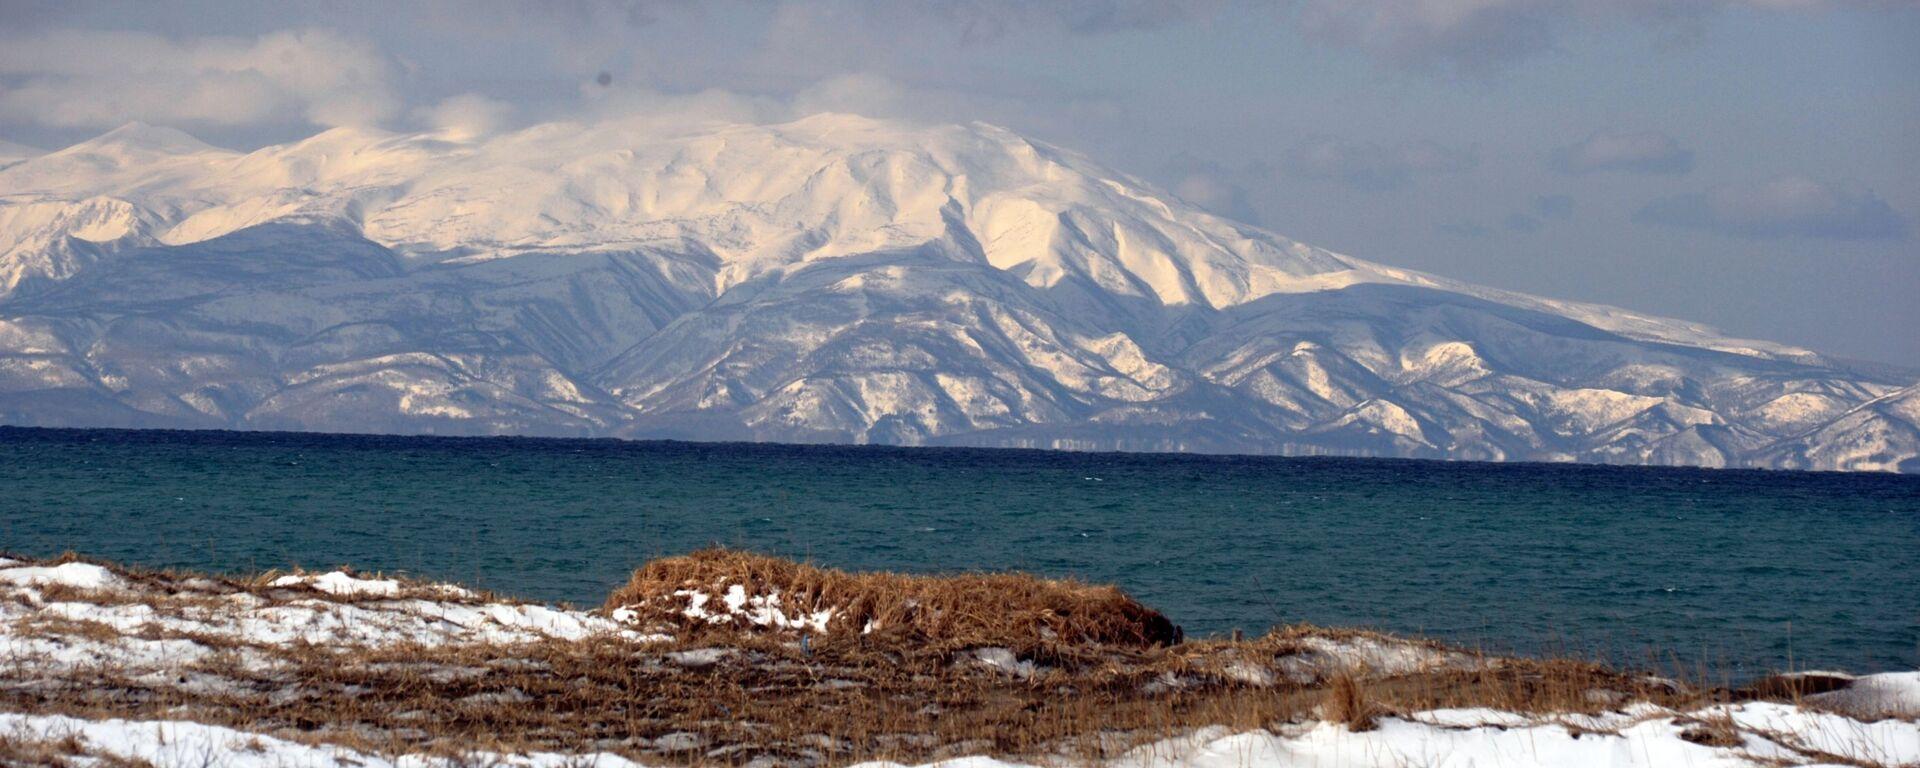 Vista a la isla de Hokkaido desde la isla de Kunashir - Sputnik Mundo, 1920, 03.03.2021